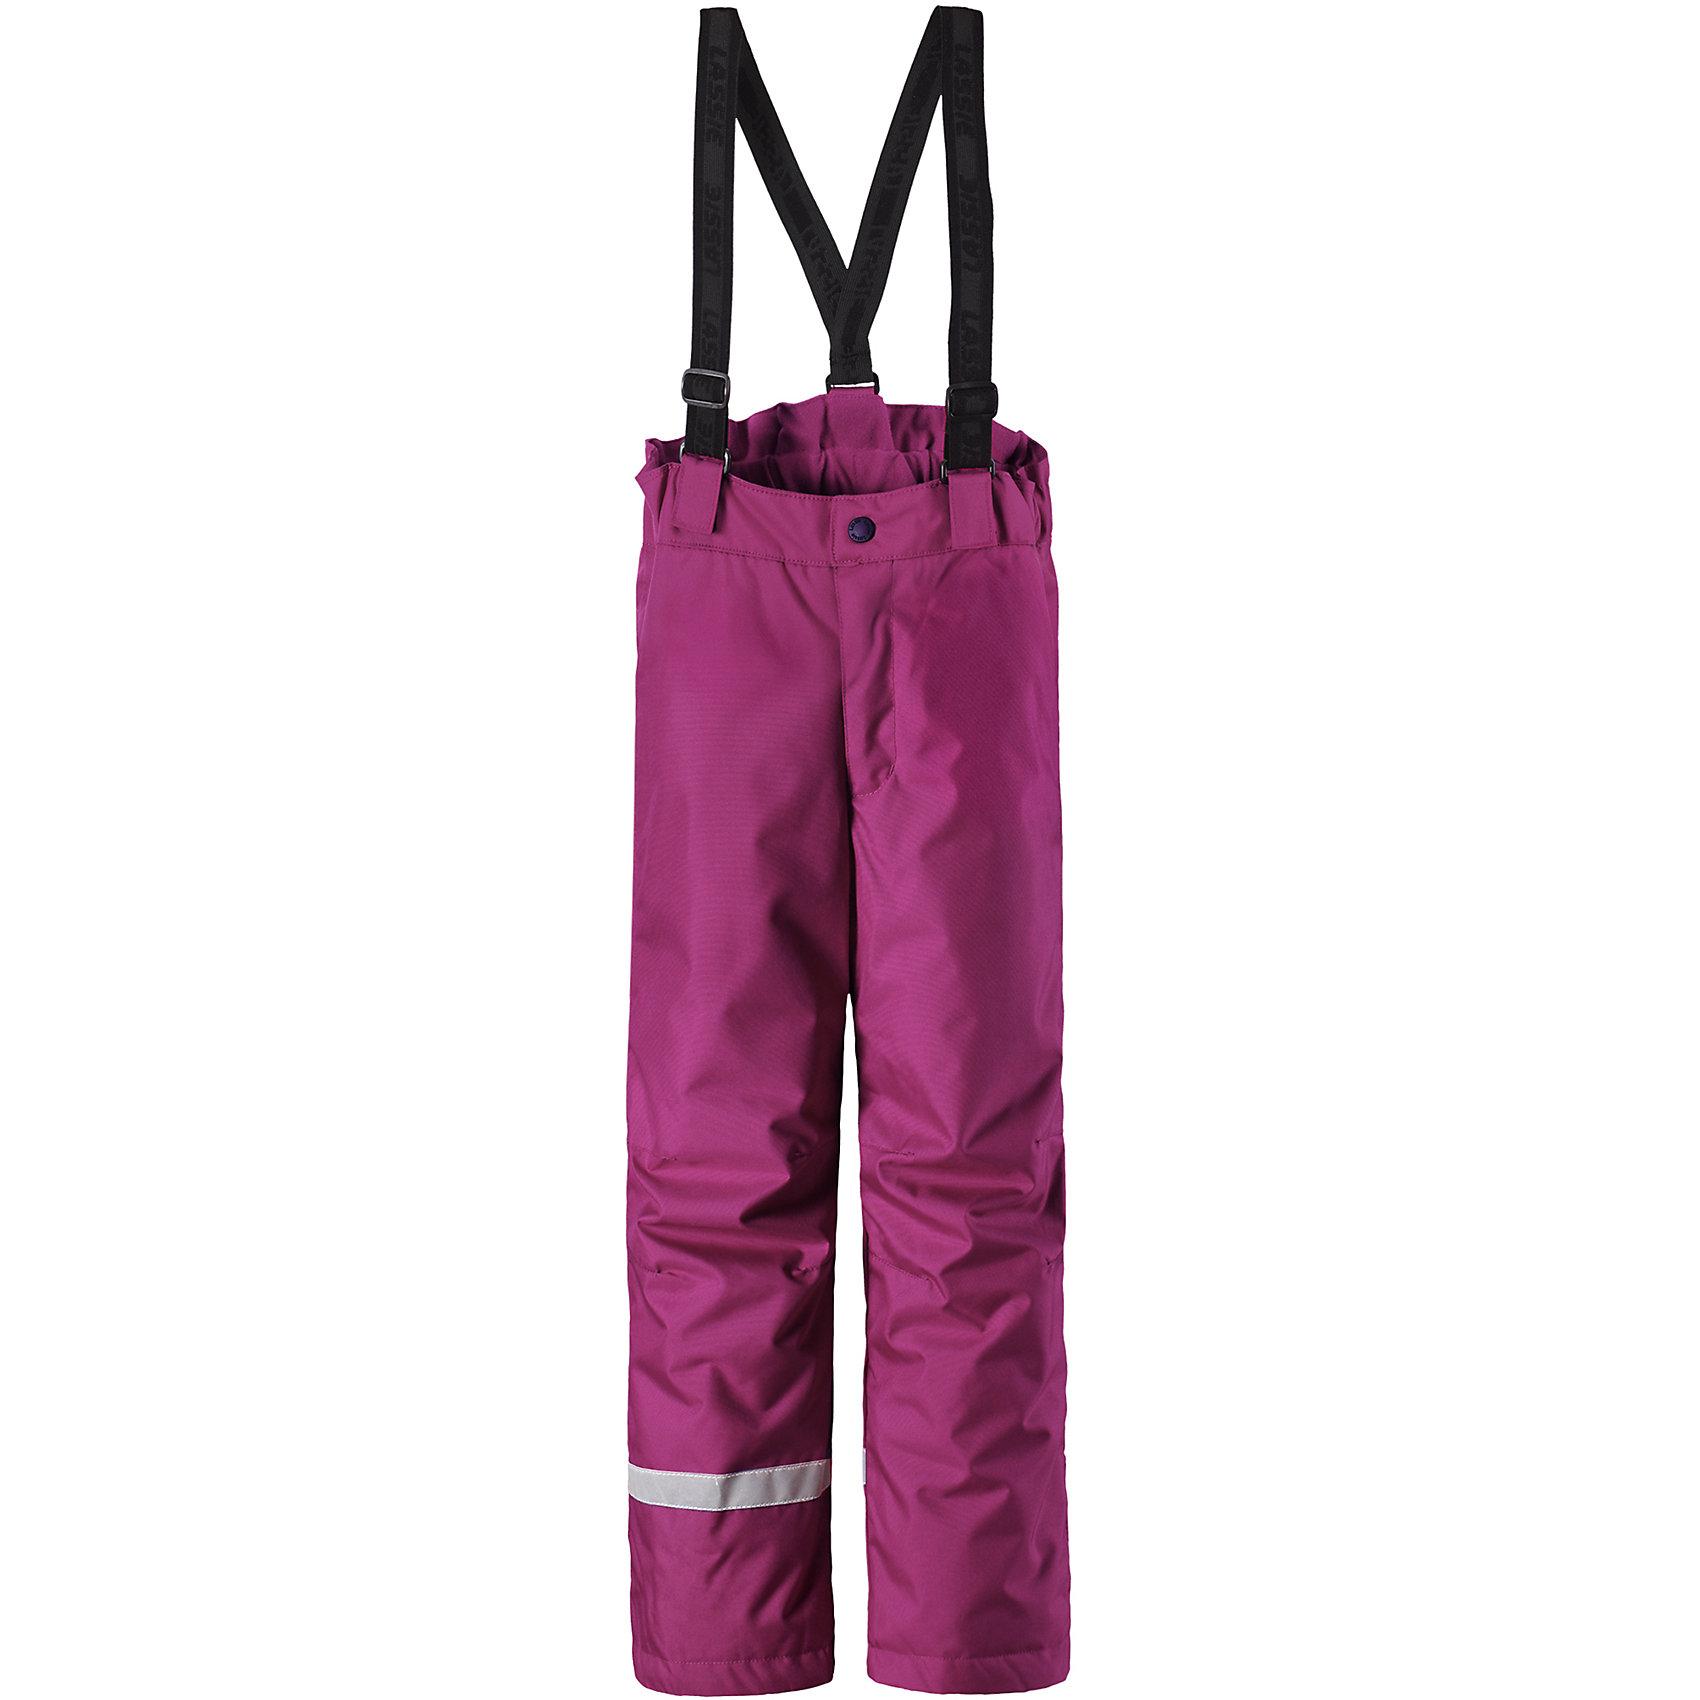 Брюки LassieОдежда<br>Характеристики товара:<br><br>• цвет: розовый;<br>• состав: 100% полиэстер, полиуретановое покрытие;<br>• подкладка: 100% полиэстер;<br>• утеплитель: 100 г/м2;<br>• сезон: зима;<br>• температурный режим: от 0 до -20С;<br>• водонепроницаемость: 1000 мм;<br>• воздухопроницаемость: 1000 мм;<br>• износостойкость: 50000 циклов (тест Мартиндейла);<br>• застежка: ширинка на молнии и пуговица;<br>• водоотталкивающий, ветронепроницаемый и дышащий материал;<br>• задний серединный шов проклеен;<br>• гладкая подкладка из полиэстера; <br>• сверхпрочный материал;<br>• эластичная талия; <br>• прямой крой;<br>• снегозащитные манжеты на штанинах;<br>• регулируемые и отстегивающиеся эластичные подтяжки;<br>• светоотражающие детали;<br>• страна бренда: Финляндия;<br>• страна изготовитель: Китай;<br><br>Эти очень практичные детские зимние брюки идеально подходят для активных игр на свежем воздухе! Они снабжены защитой от снега на концах брючин, так что ножкам будет тепло и сухо. Задний средний шов проклеен, водонепроницаем. Удобная молния спереди облегчает надевание, а регулируемые подтяжки позволяют откорректировать брюки идеально по размеру. Свободный крой.<br><br>Брюки Lassie (Ласси) можно купить в нашем интернет-магазине.<br><br>Ширина мм: 215<br>Глубина мм: 88<br>Высота мм: 191<br>Вес г: 336<br>Цвет: розовый<br>Возраст от месяцев: 108<br>Возраст до месяцев: 120<br>Пол: Унисекс<br>Возраст: Детский<br>Размер: 140,92,98,104,110,116,122,128,134<br>SKU: 6927701